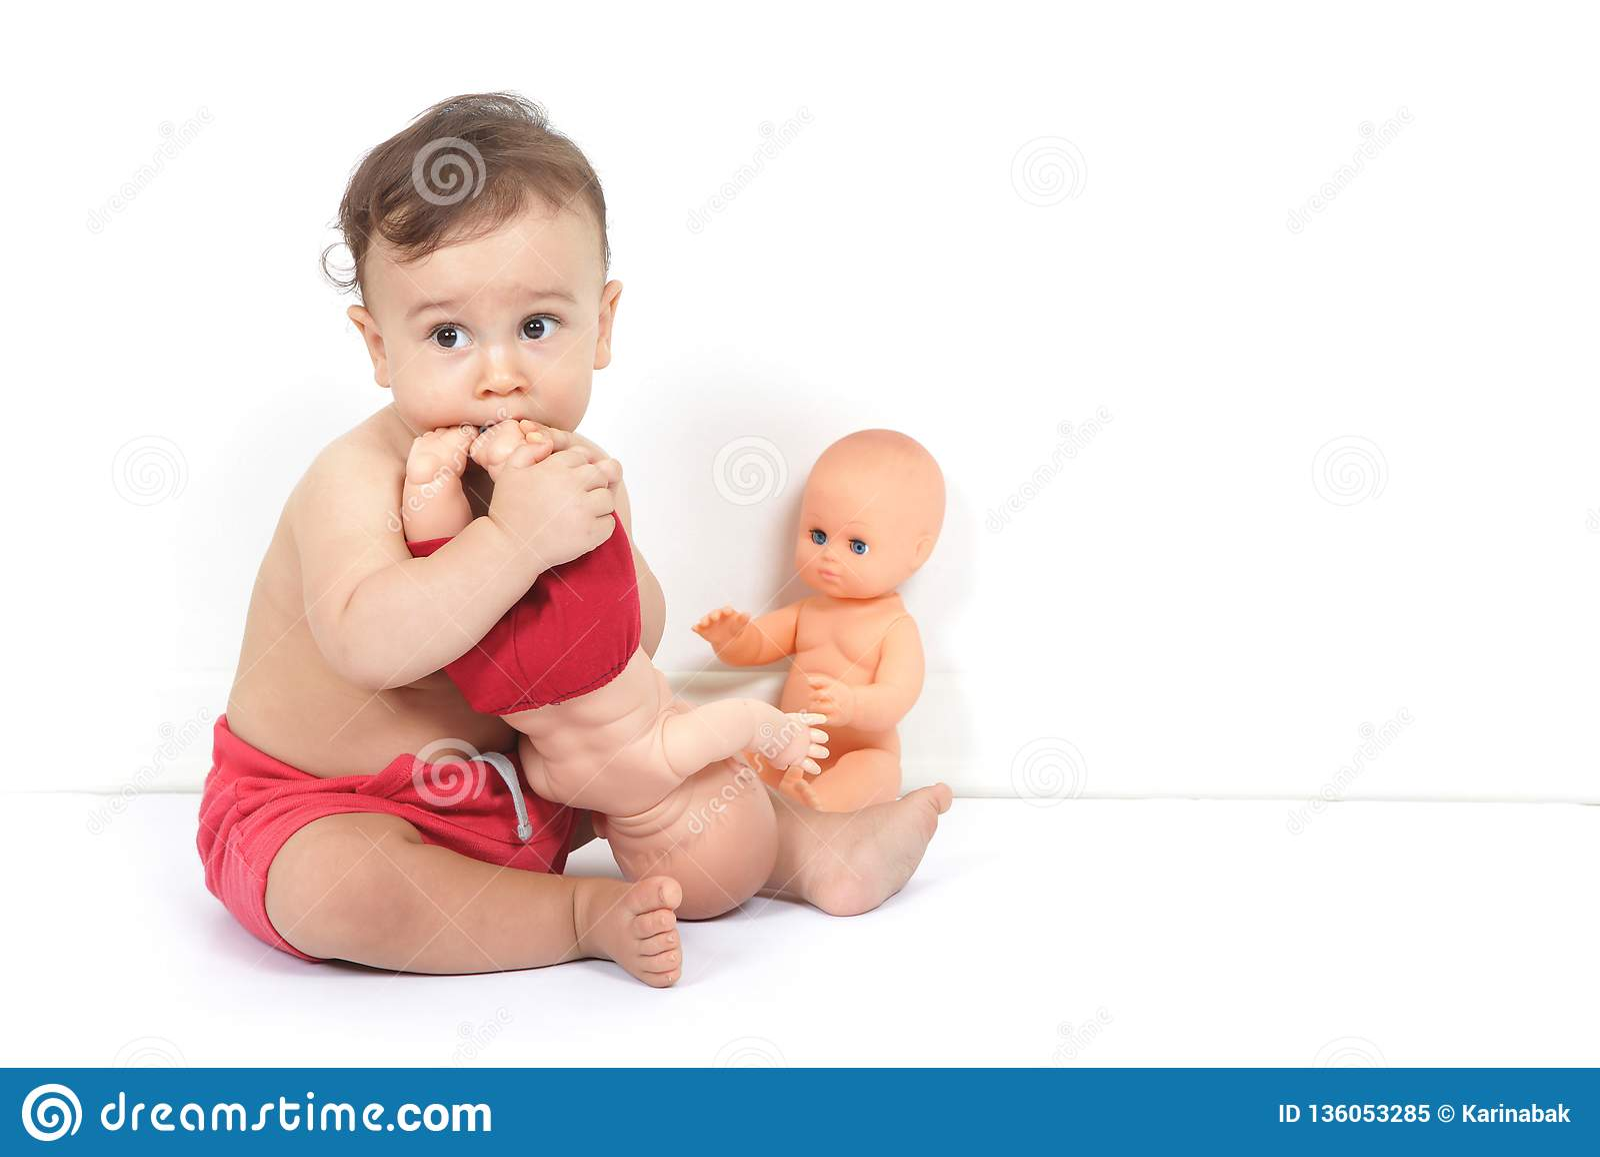 Милый ребенок играет с игрушками и пробует их